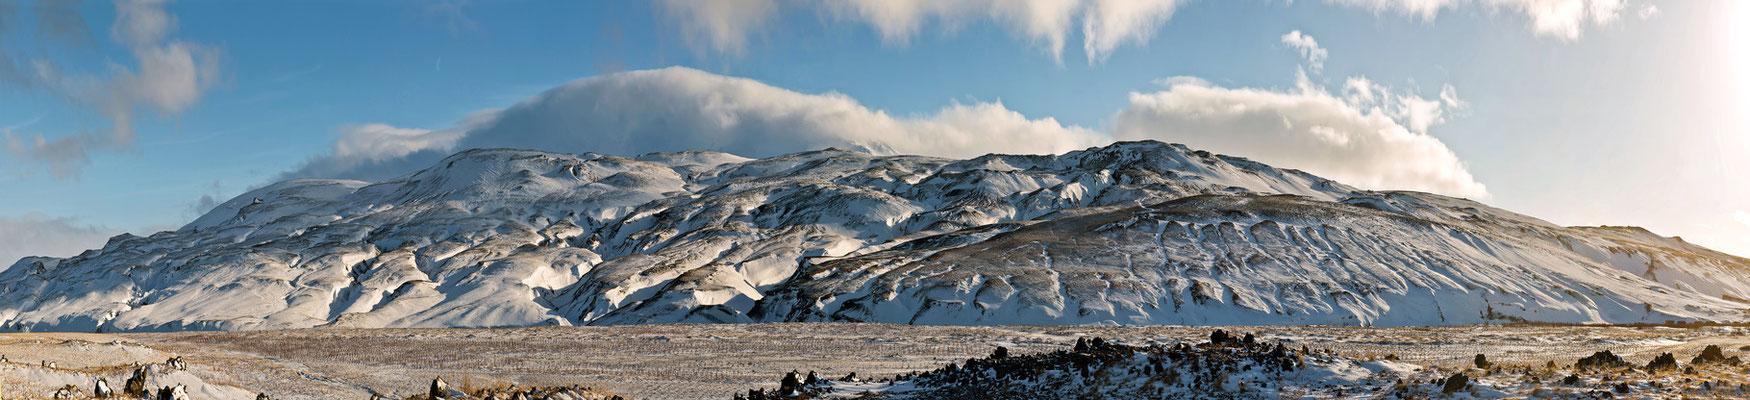 Schneeberge im Hochland - Island